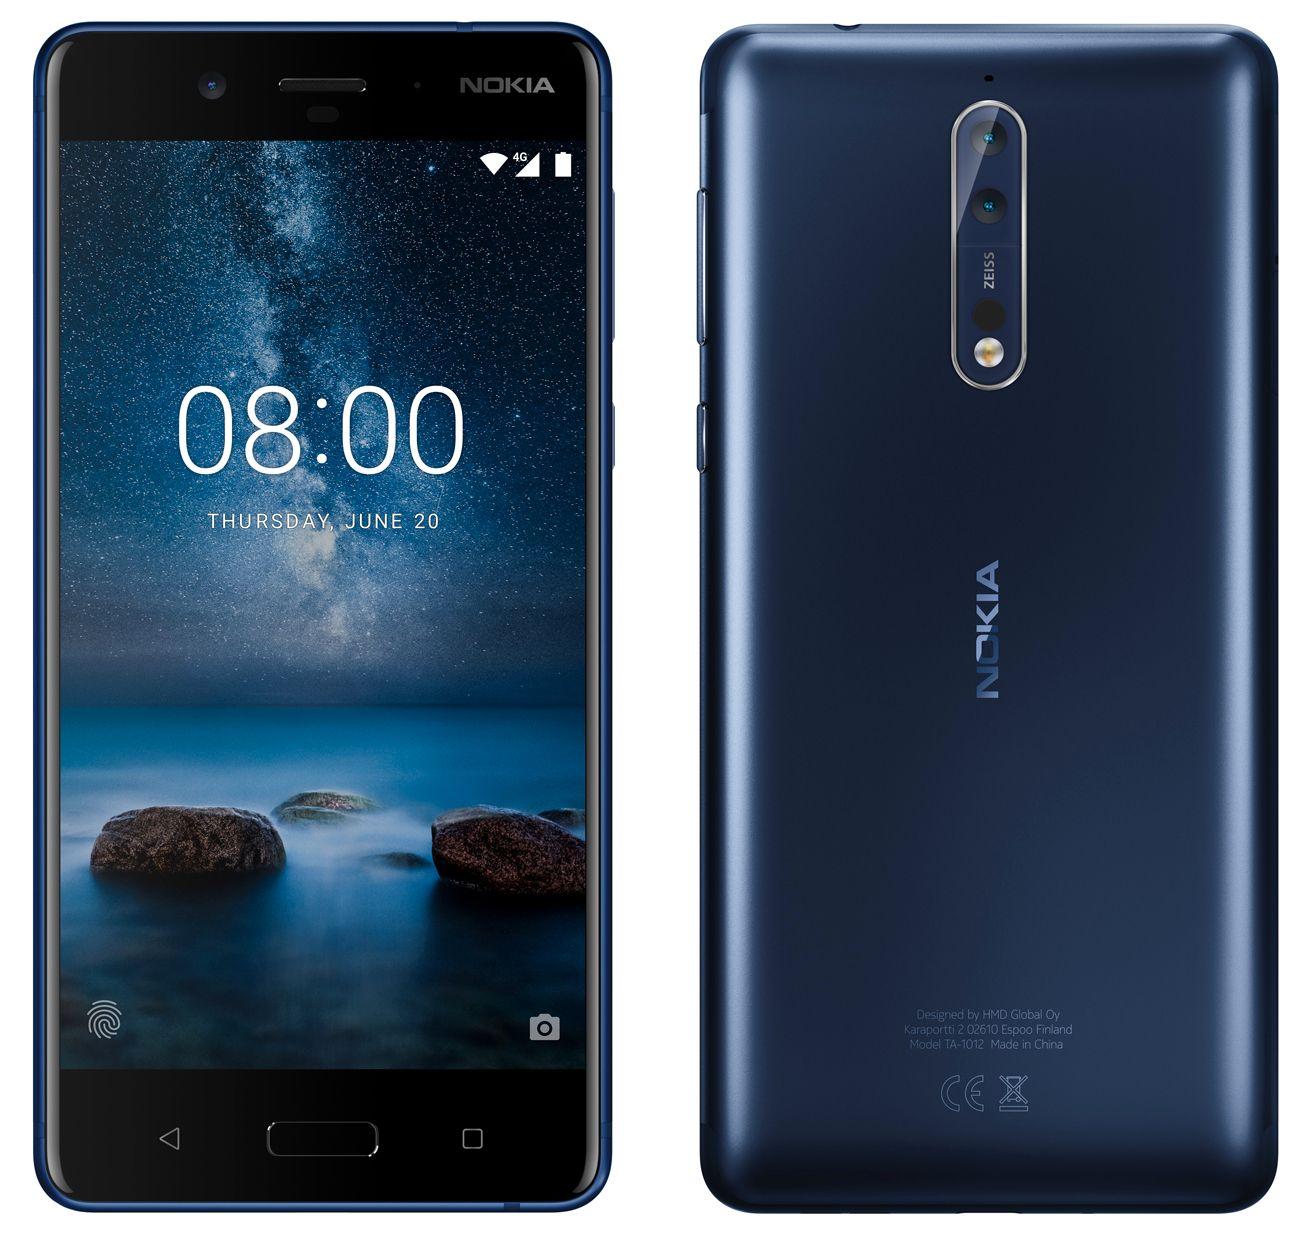 Evan Blass er en dreven produktlekker som stort sett har vært treffsikker gjennom mange år. Dette skal være nye Nokia 8 ifølge ham.